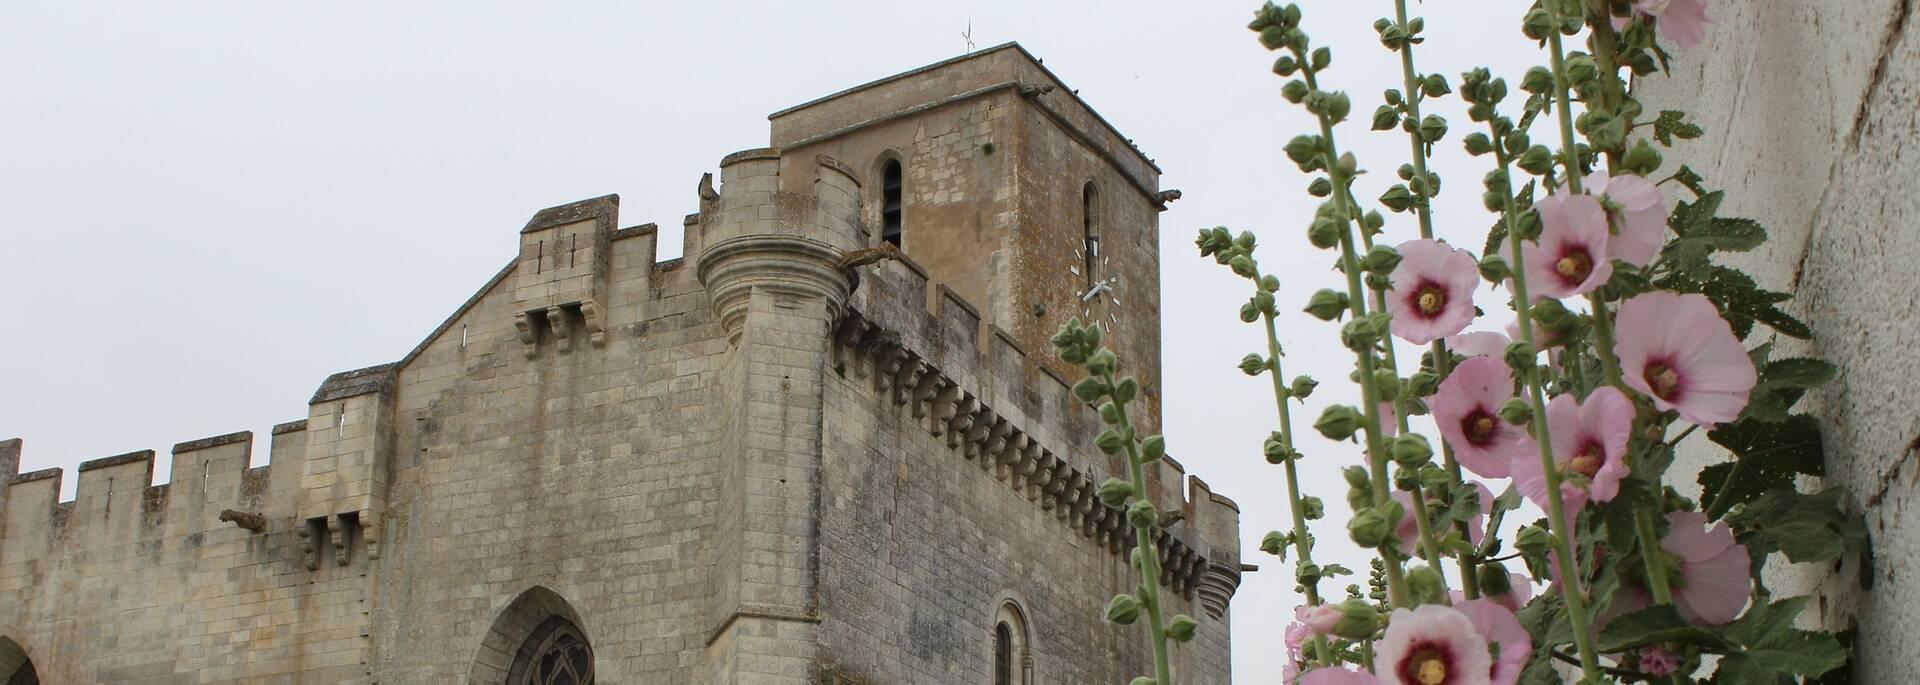 Eglise fortifiée d'Esnandes en Charente-Maritime - ©P.Migaud / FDHPA17